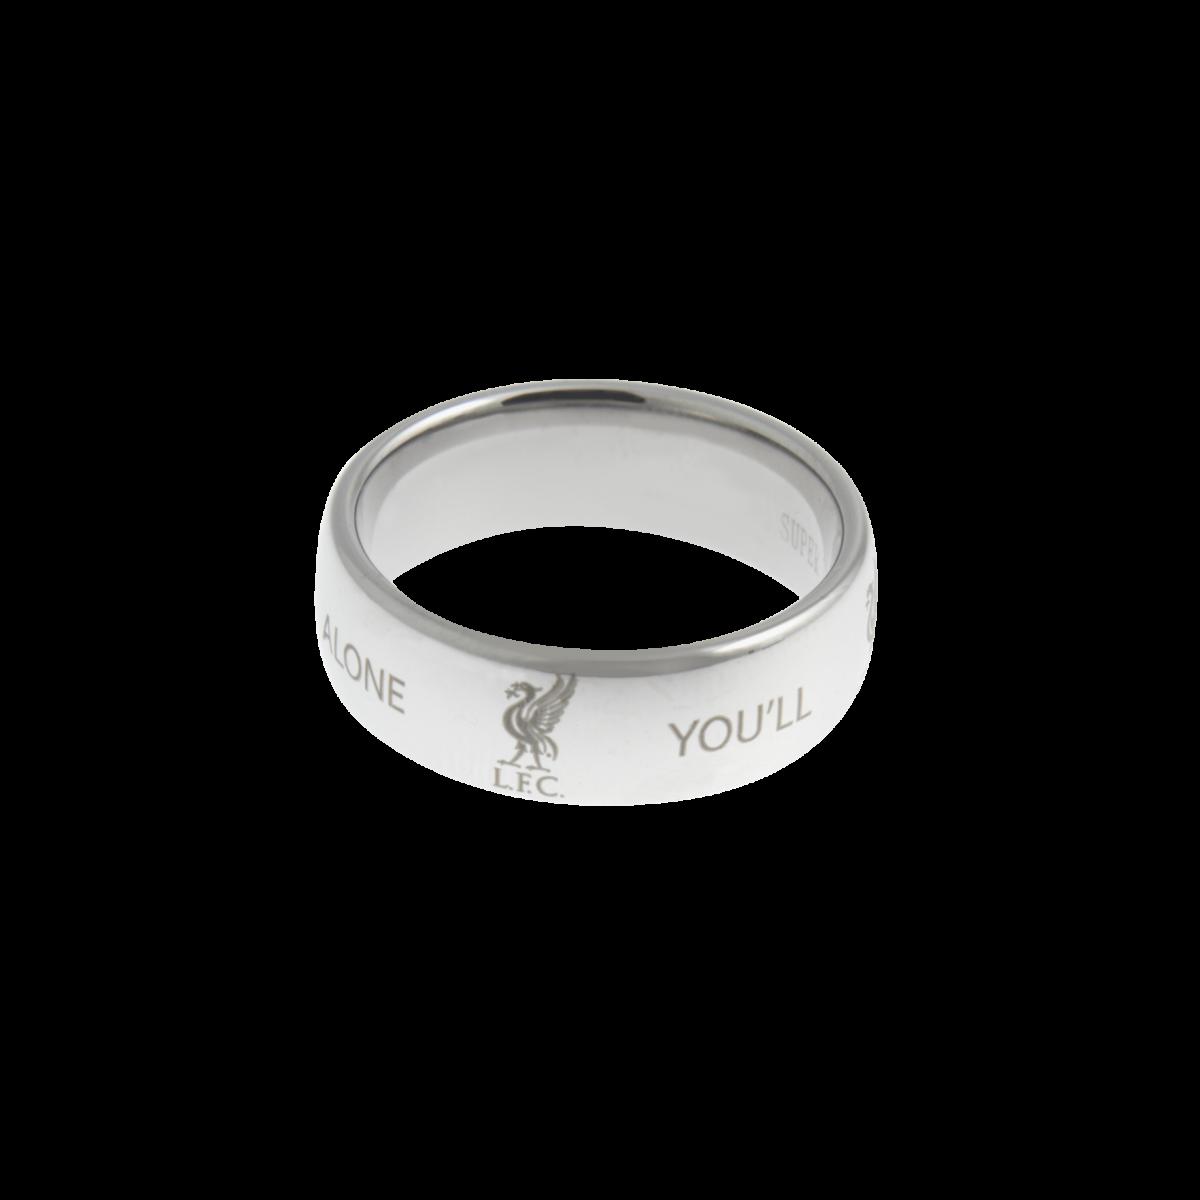 แหวนที่ระลึกลิเวอร์พูล ของแท้ 100% Liverpool FC Mens Super Titanium Band Ring